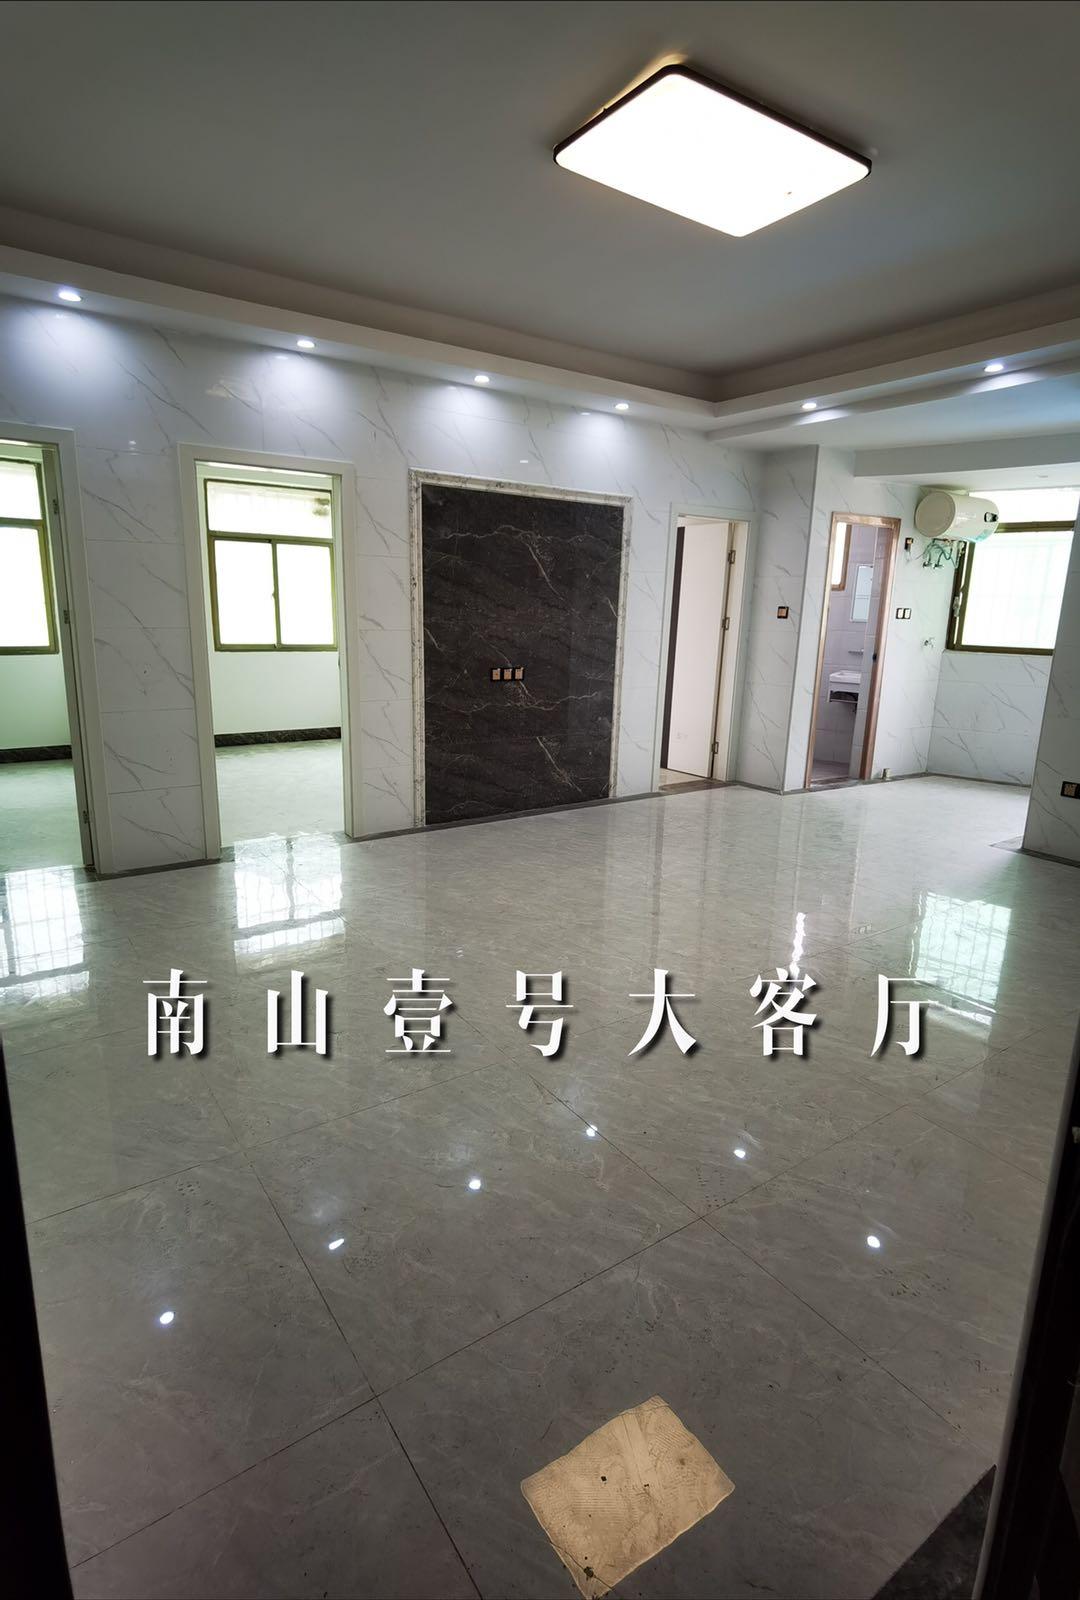 大朗【南山壹号】第二个深圳南山,松山湖高新区 三房34.8万起